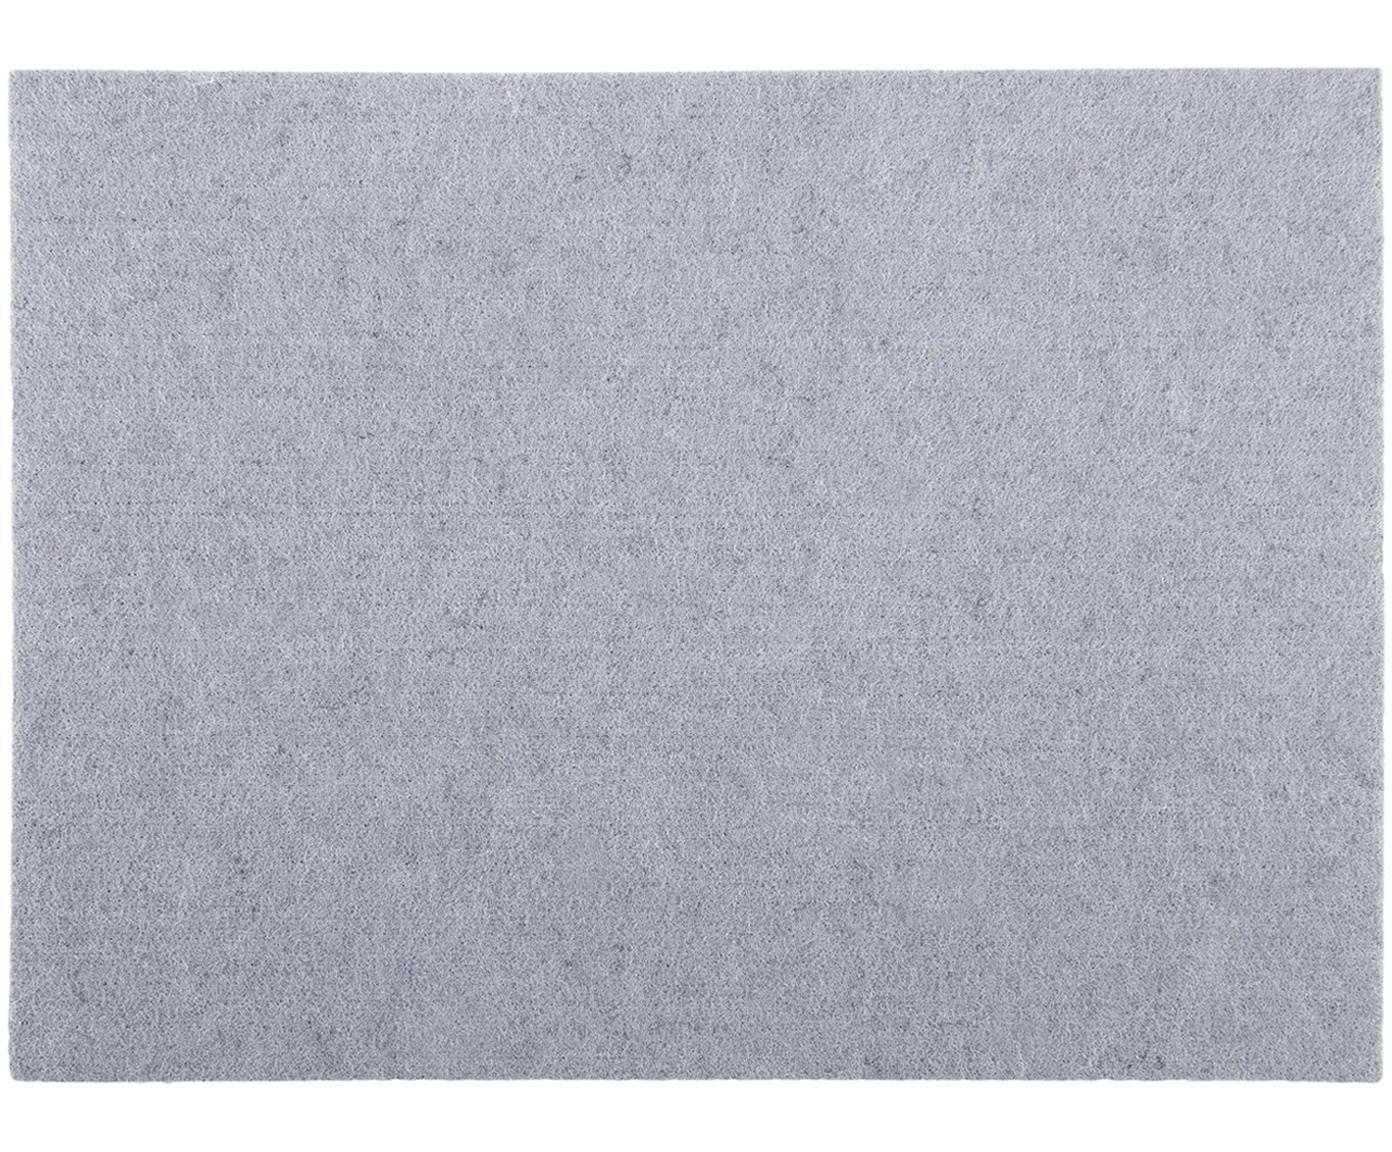 Placemats Felto van vilt, 2 stuks, Grijs, 33 x 45 cm